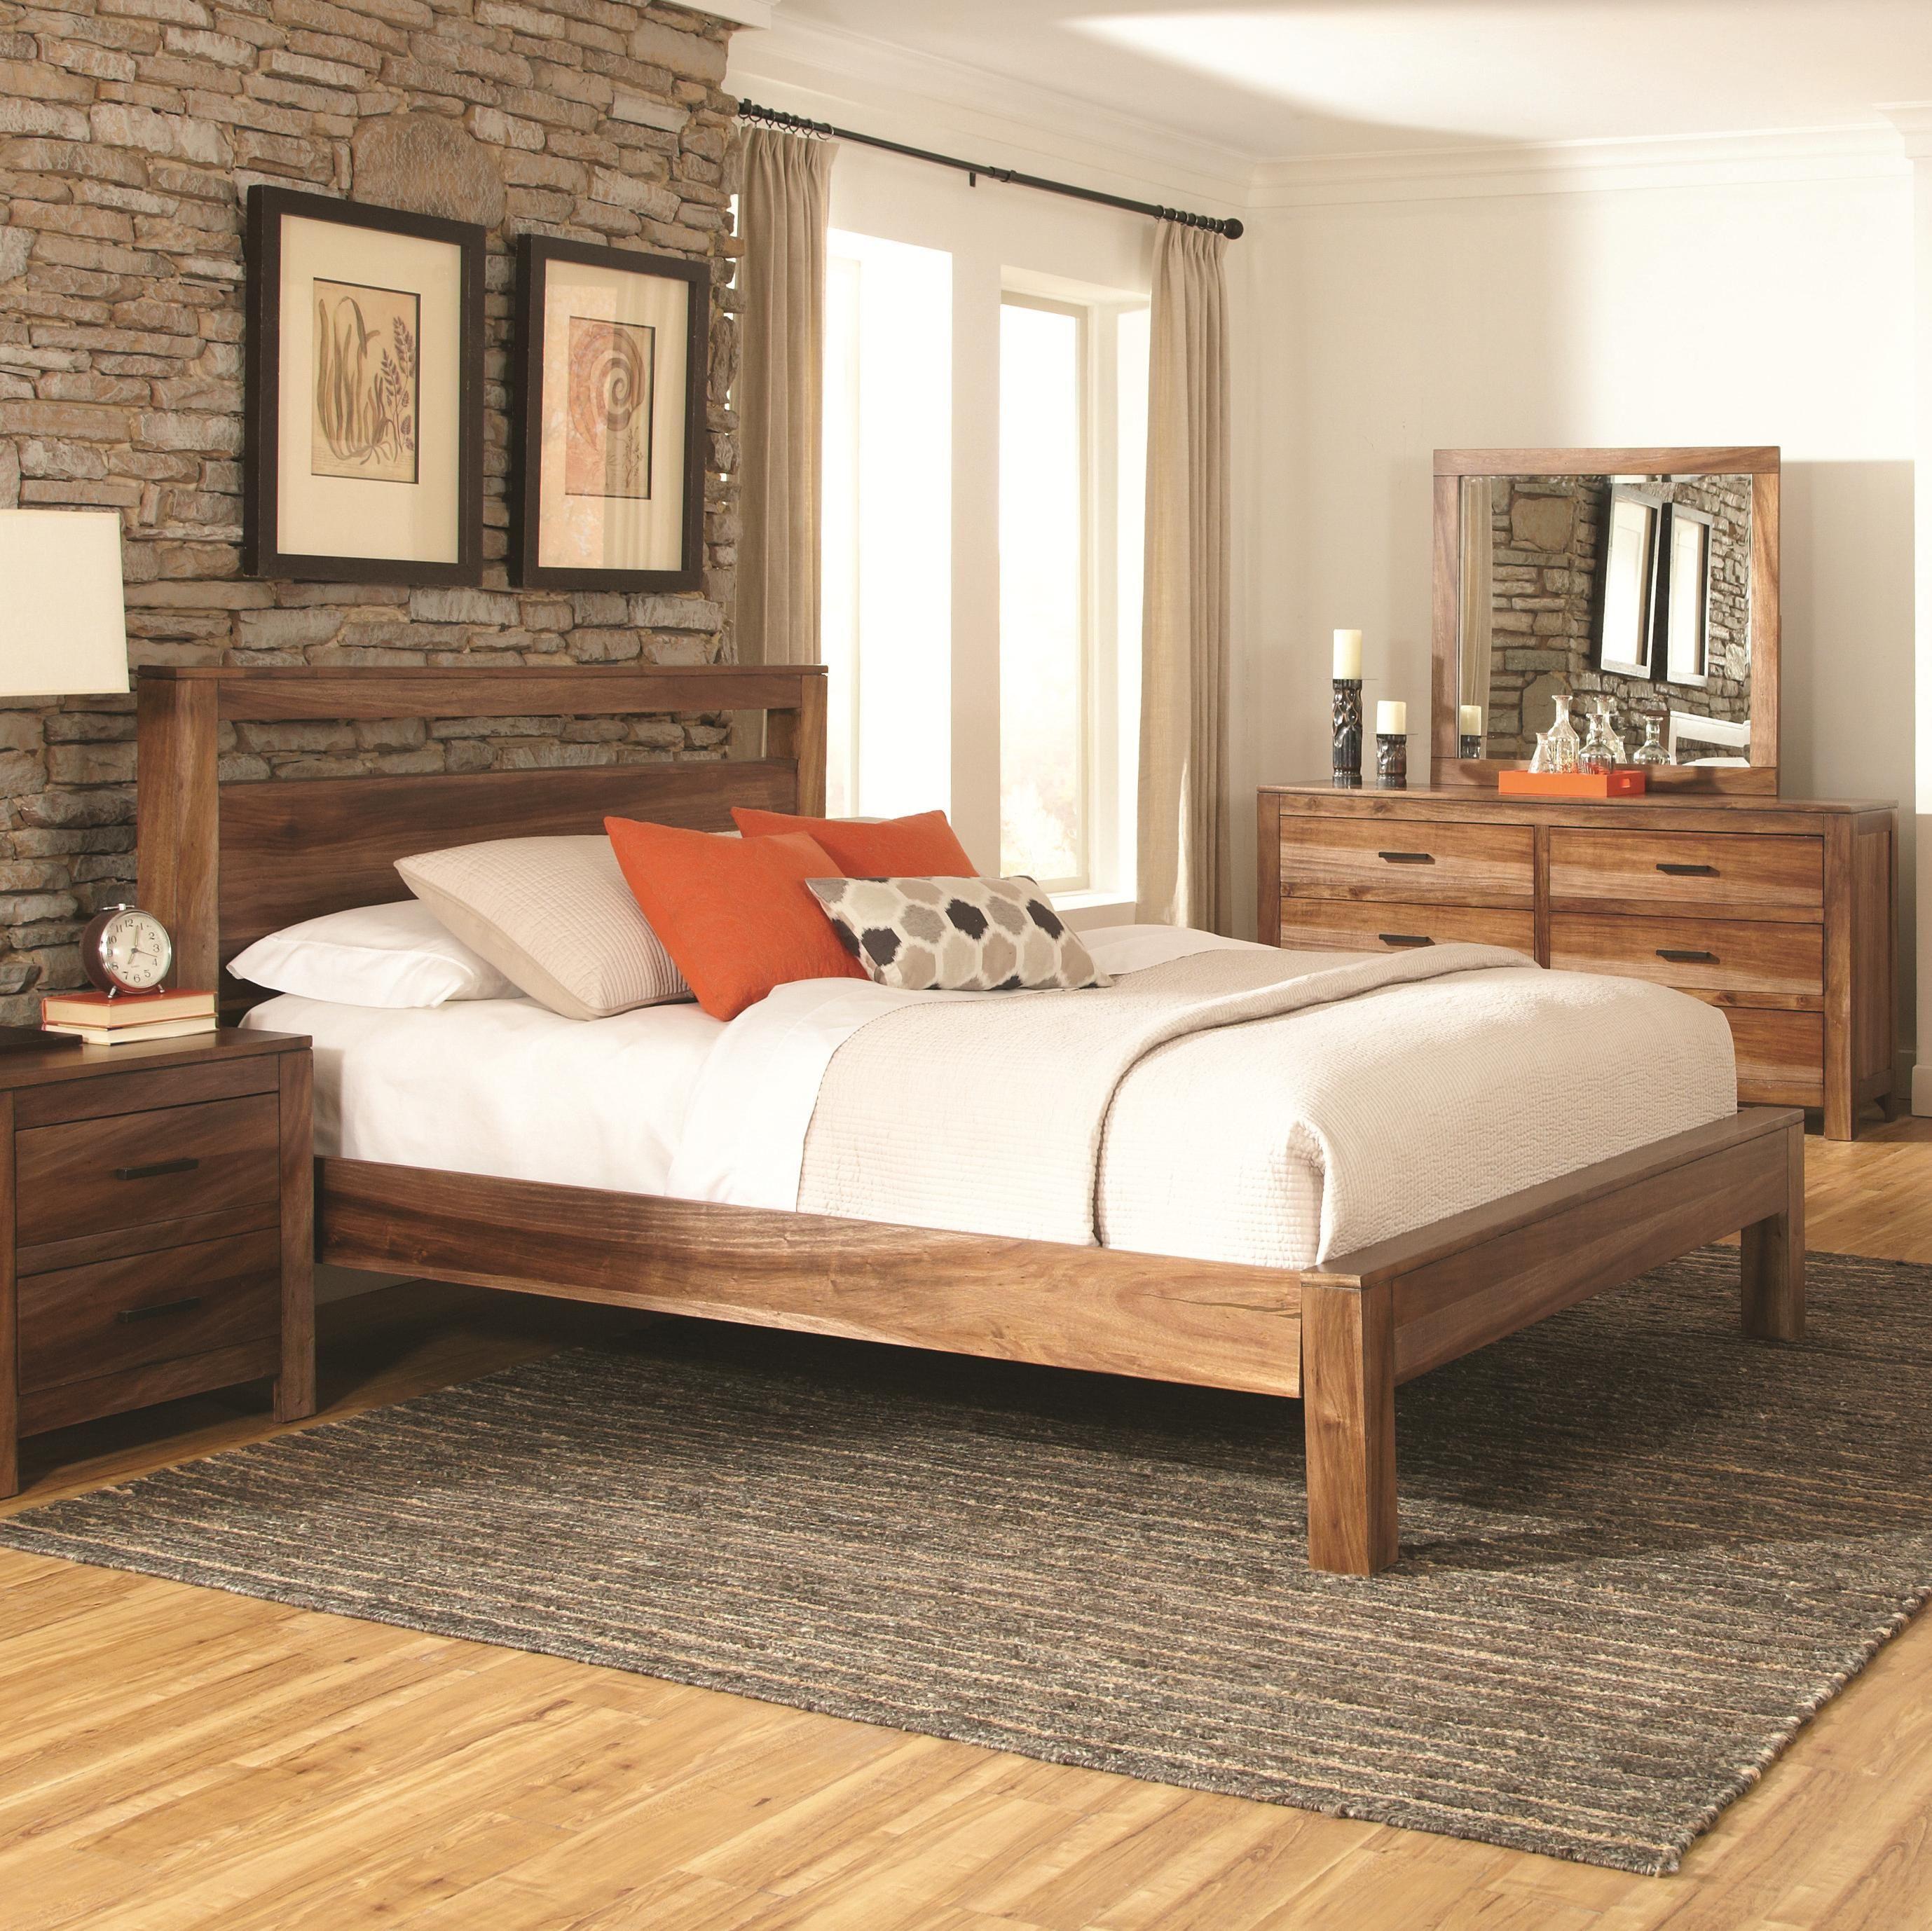 Coaster Peyton King Platform Bed